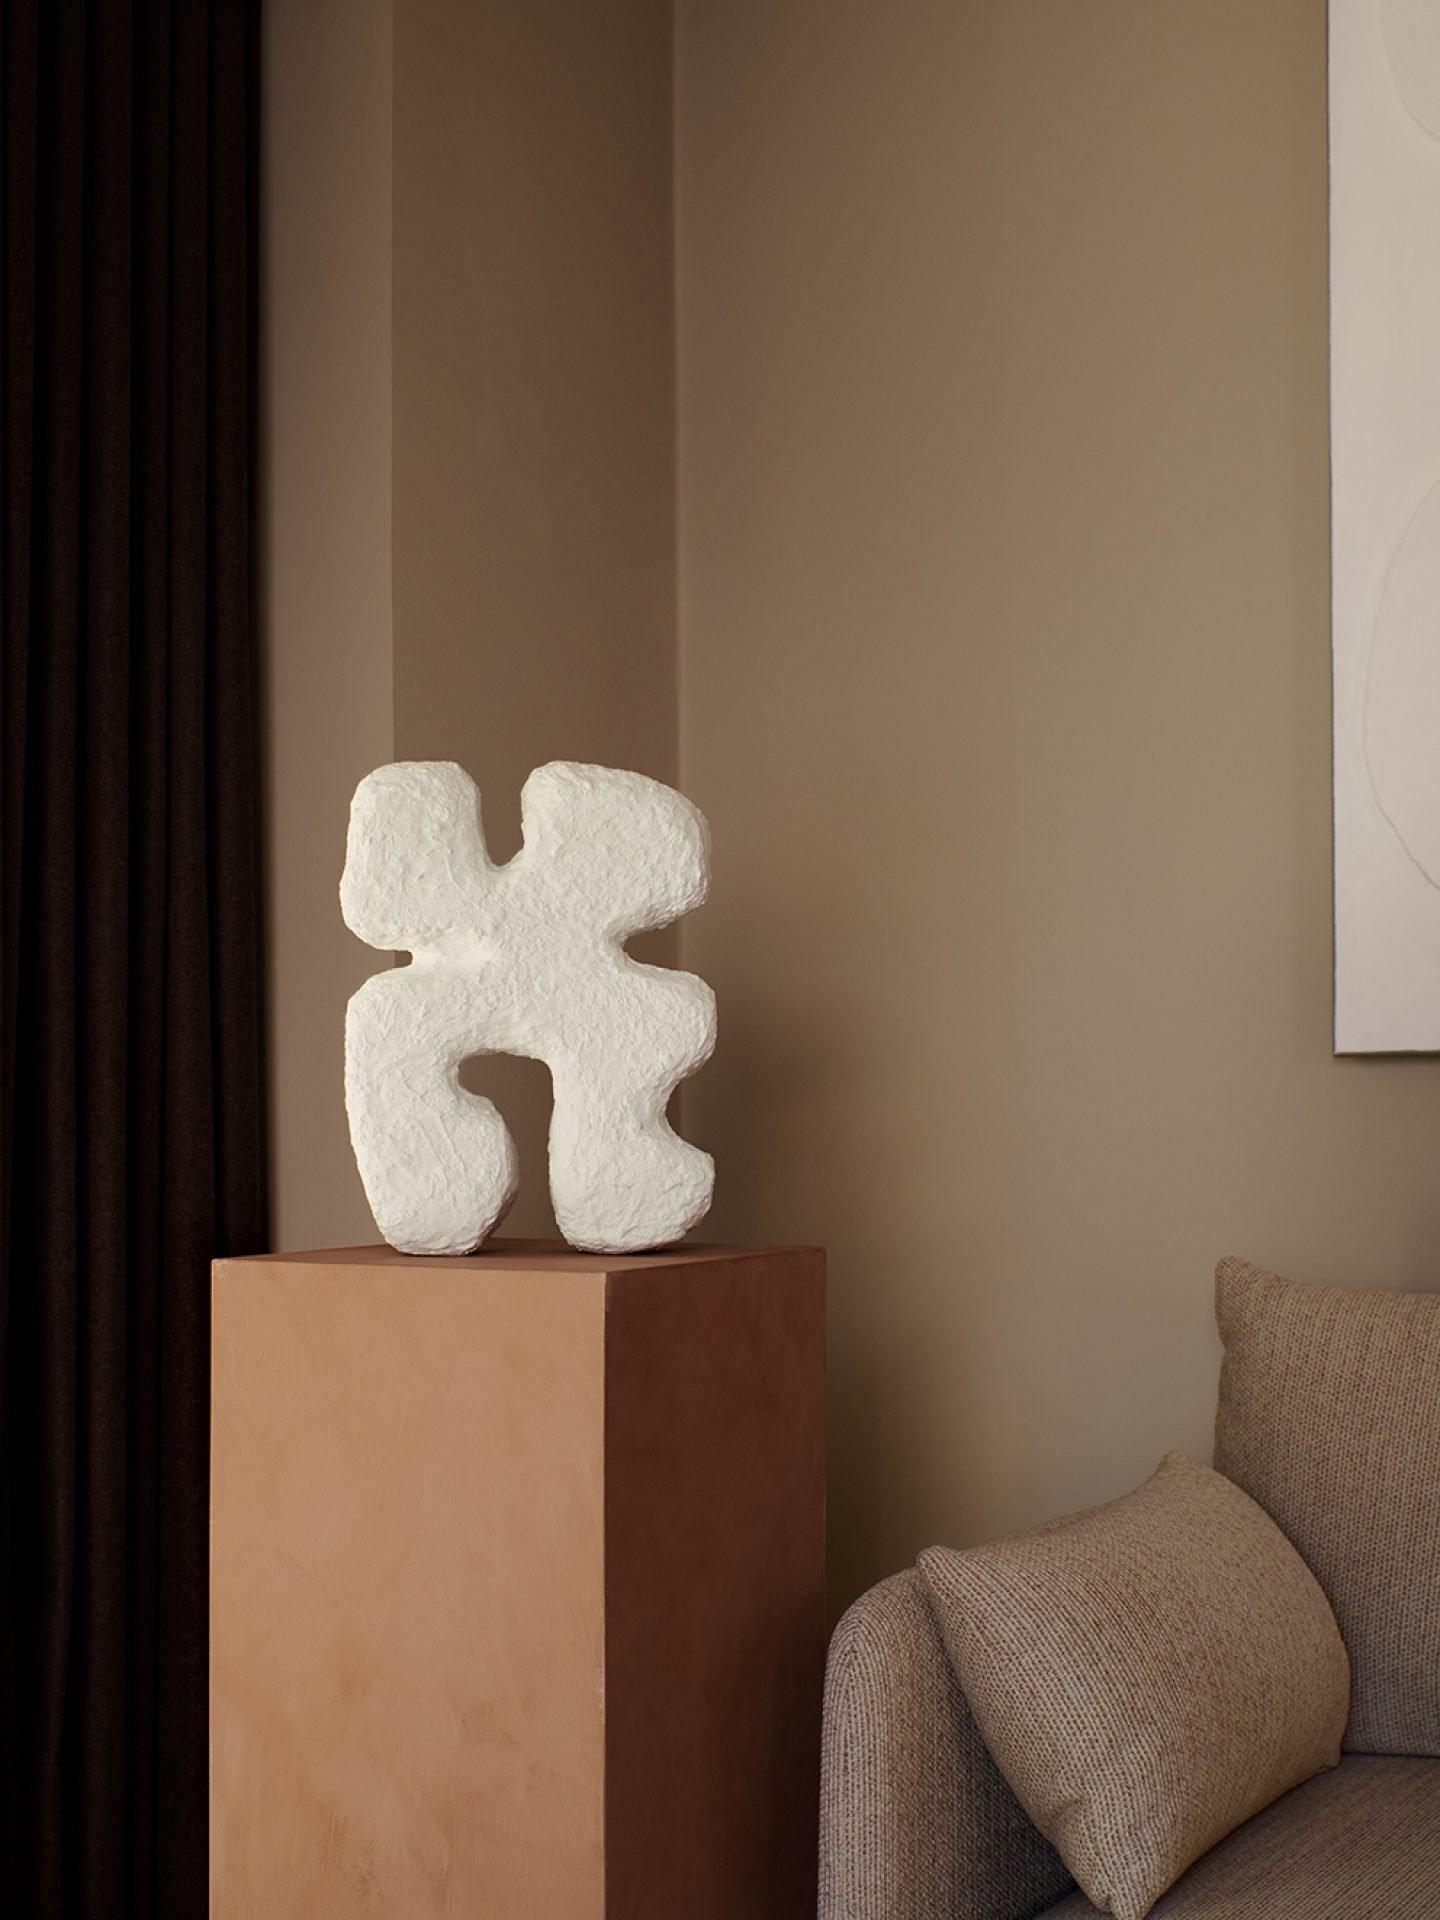 IGNANT-ART-Sculpture-Alium-12